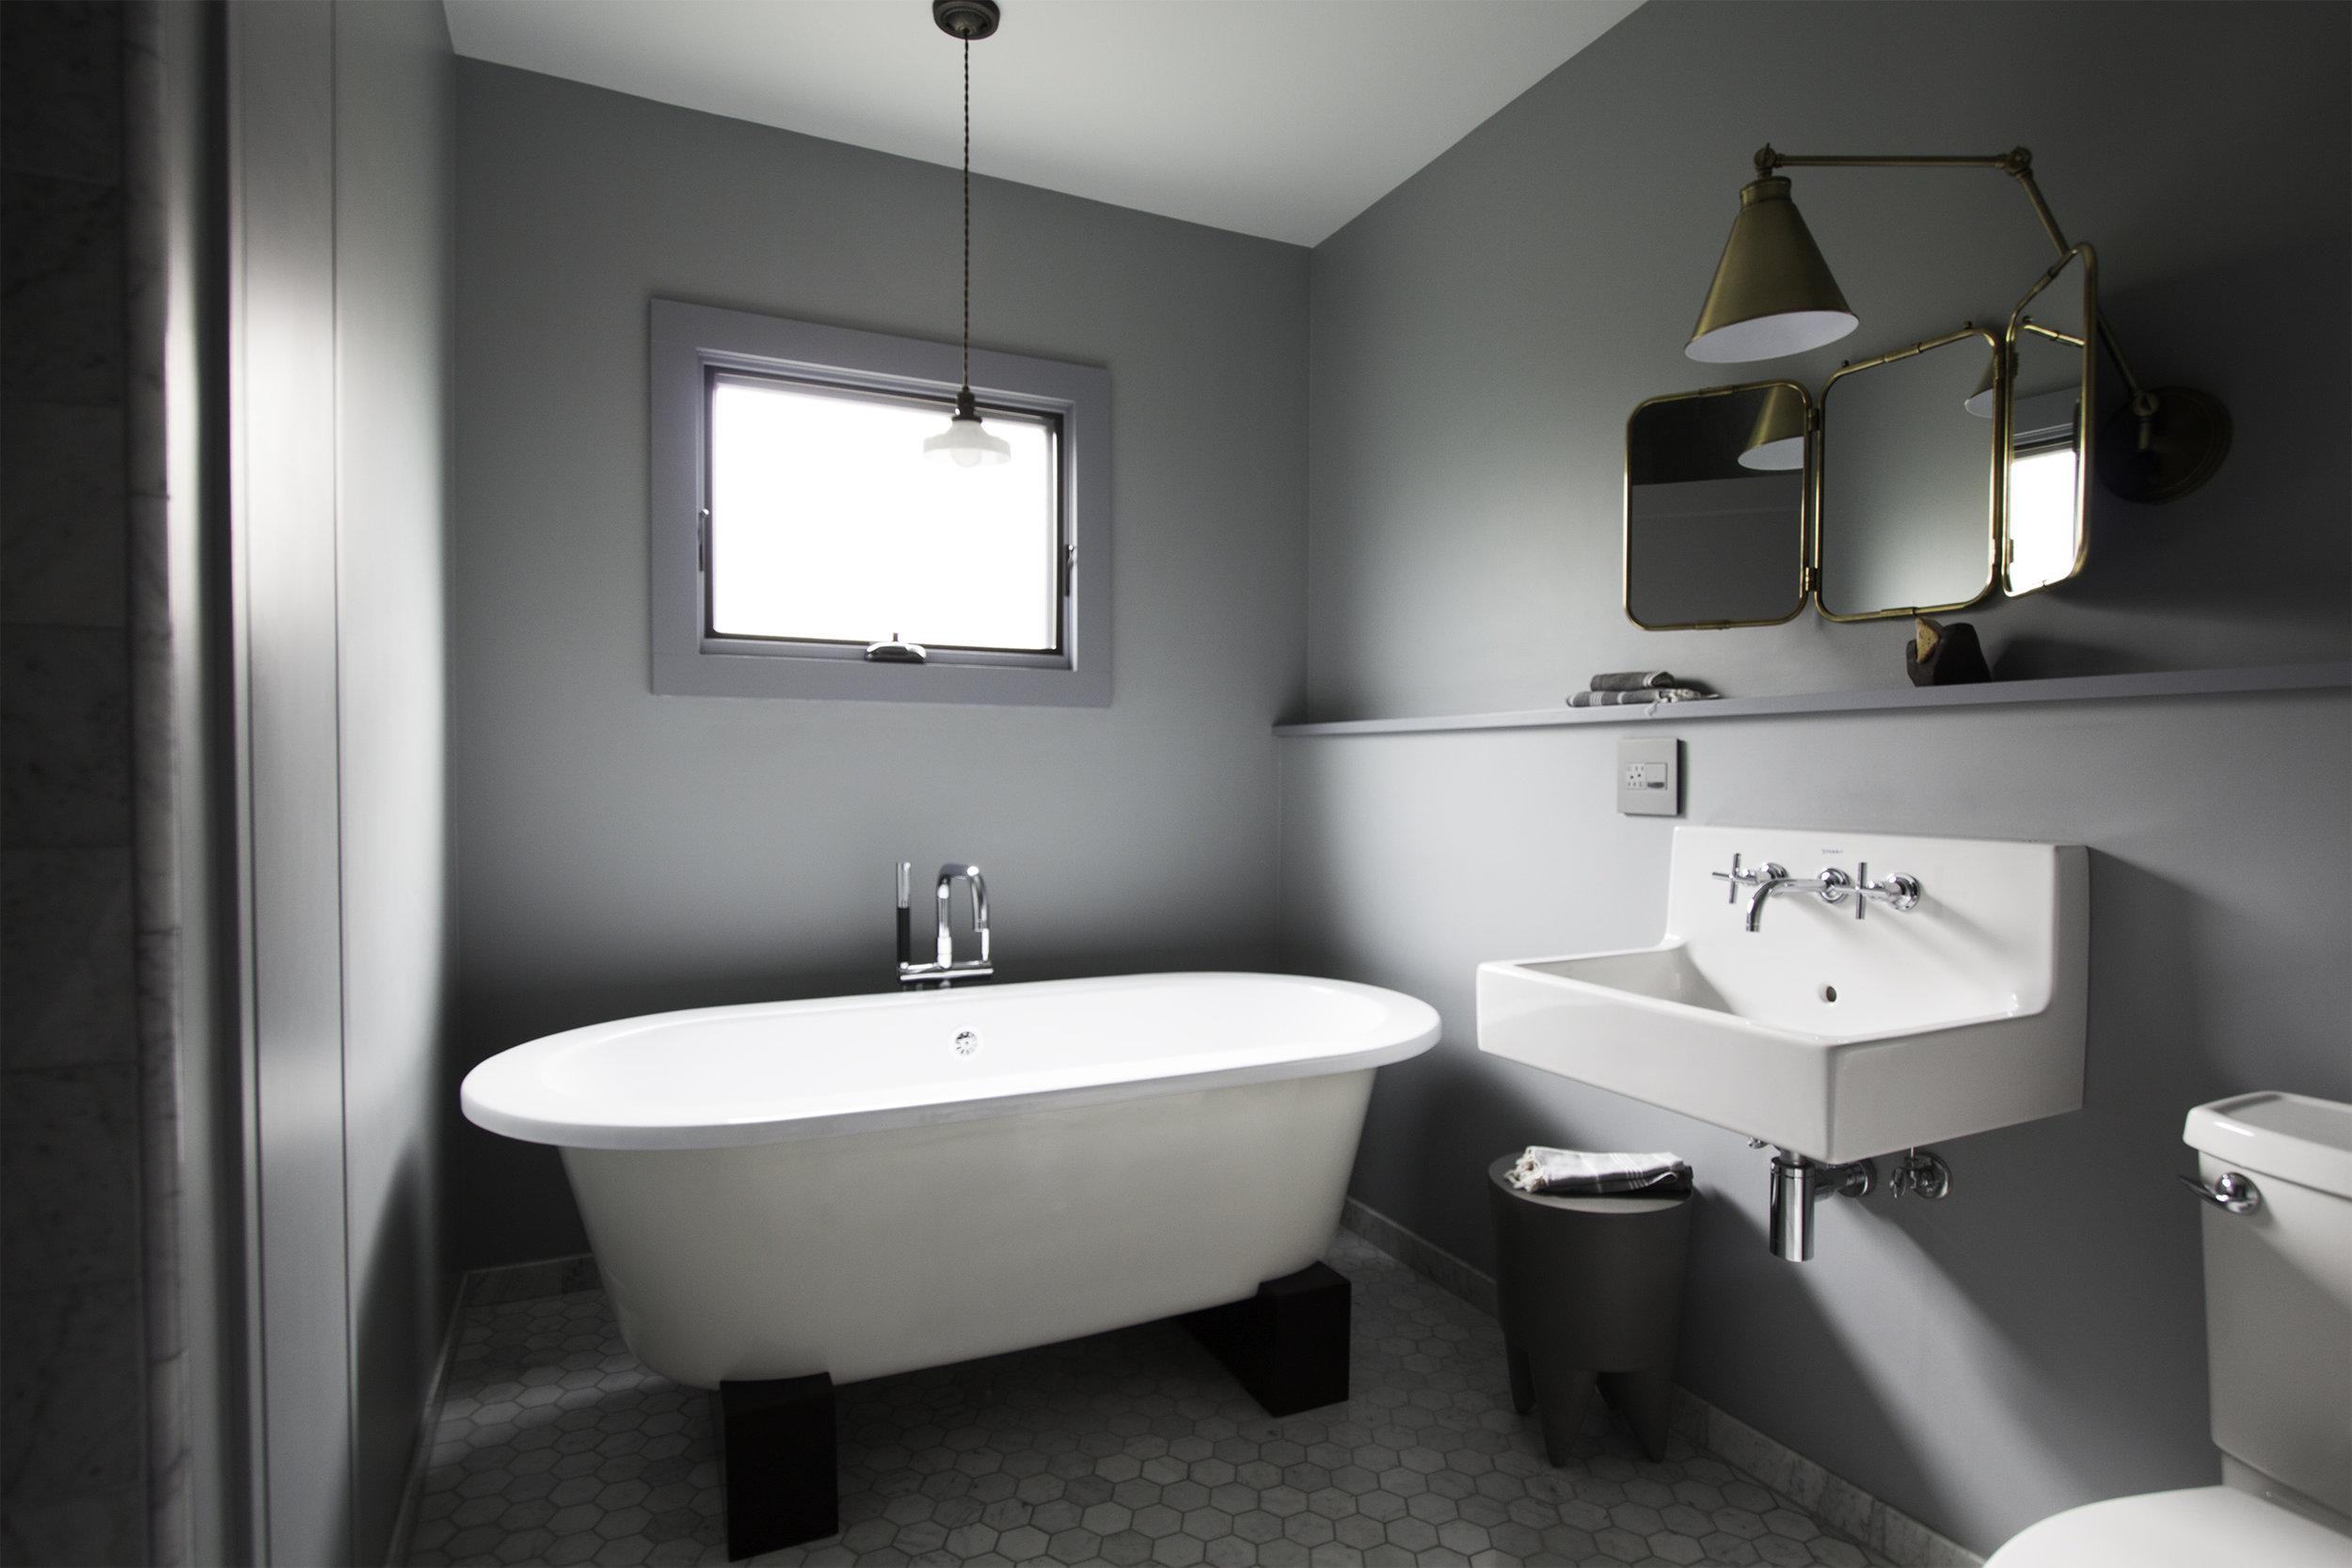 bath1celq1.jpg